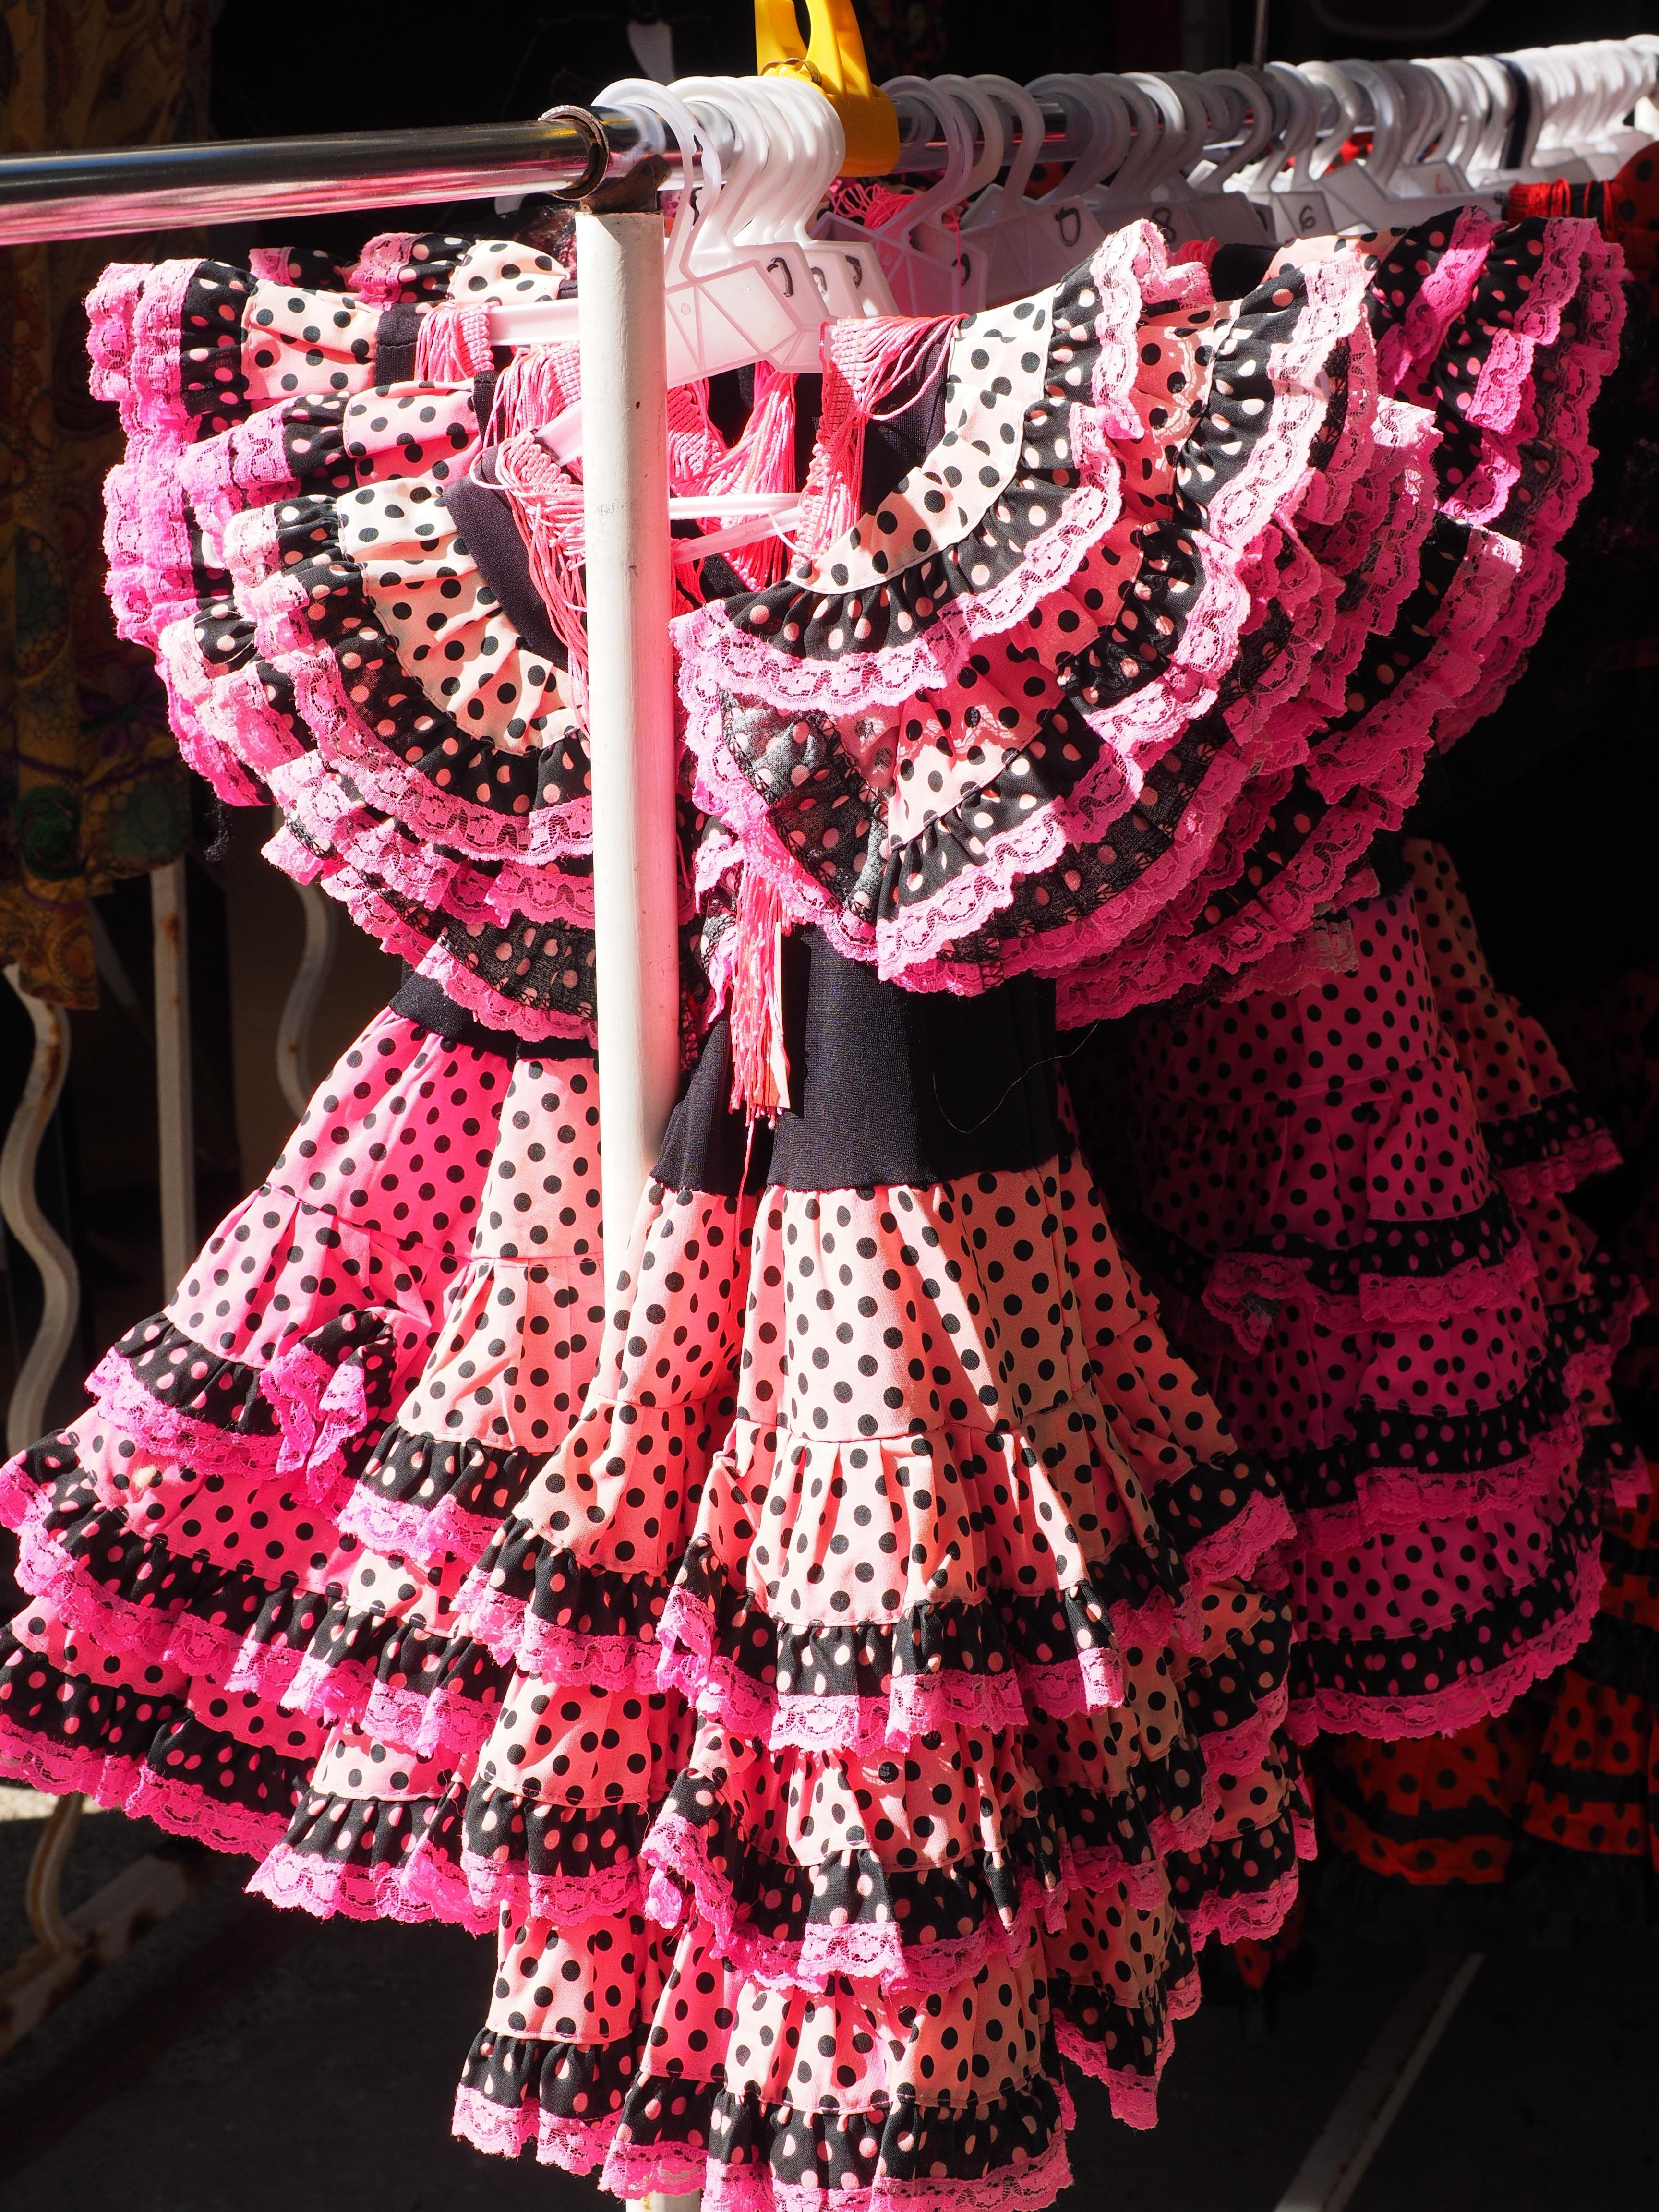 Fotos gratis : rock, flor, patrón, rojo, Moda, ropa, rosado ...